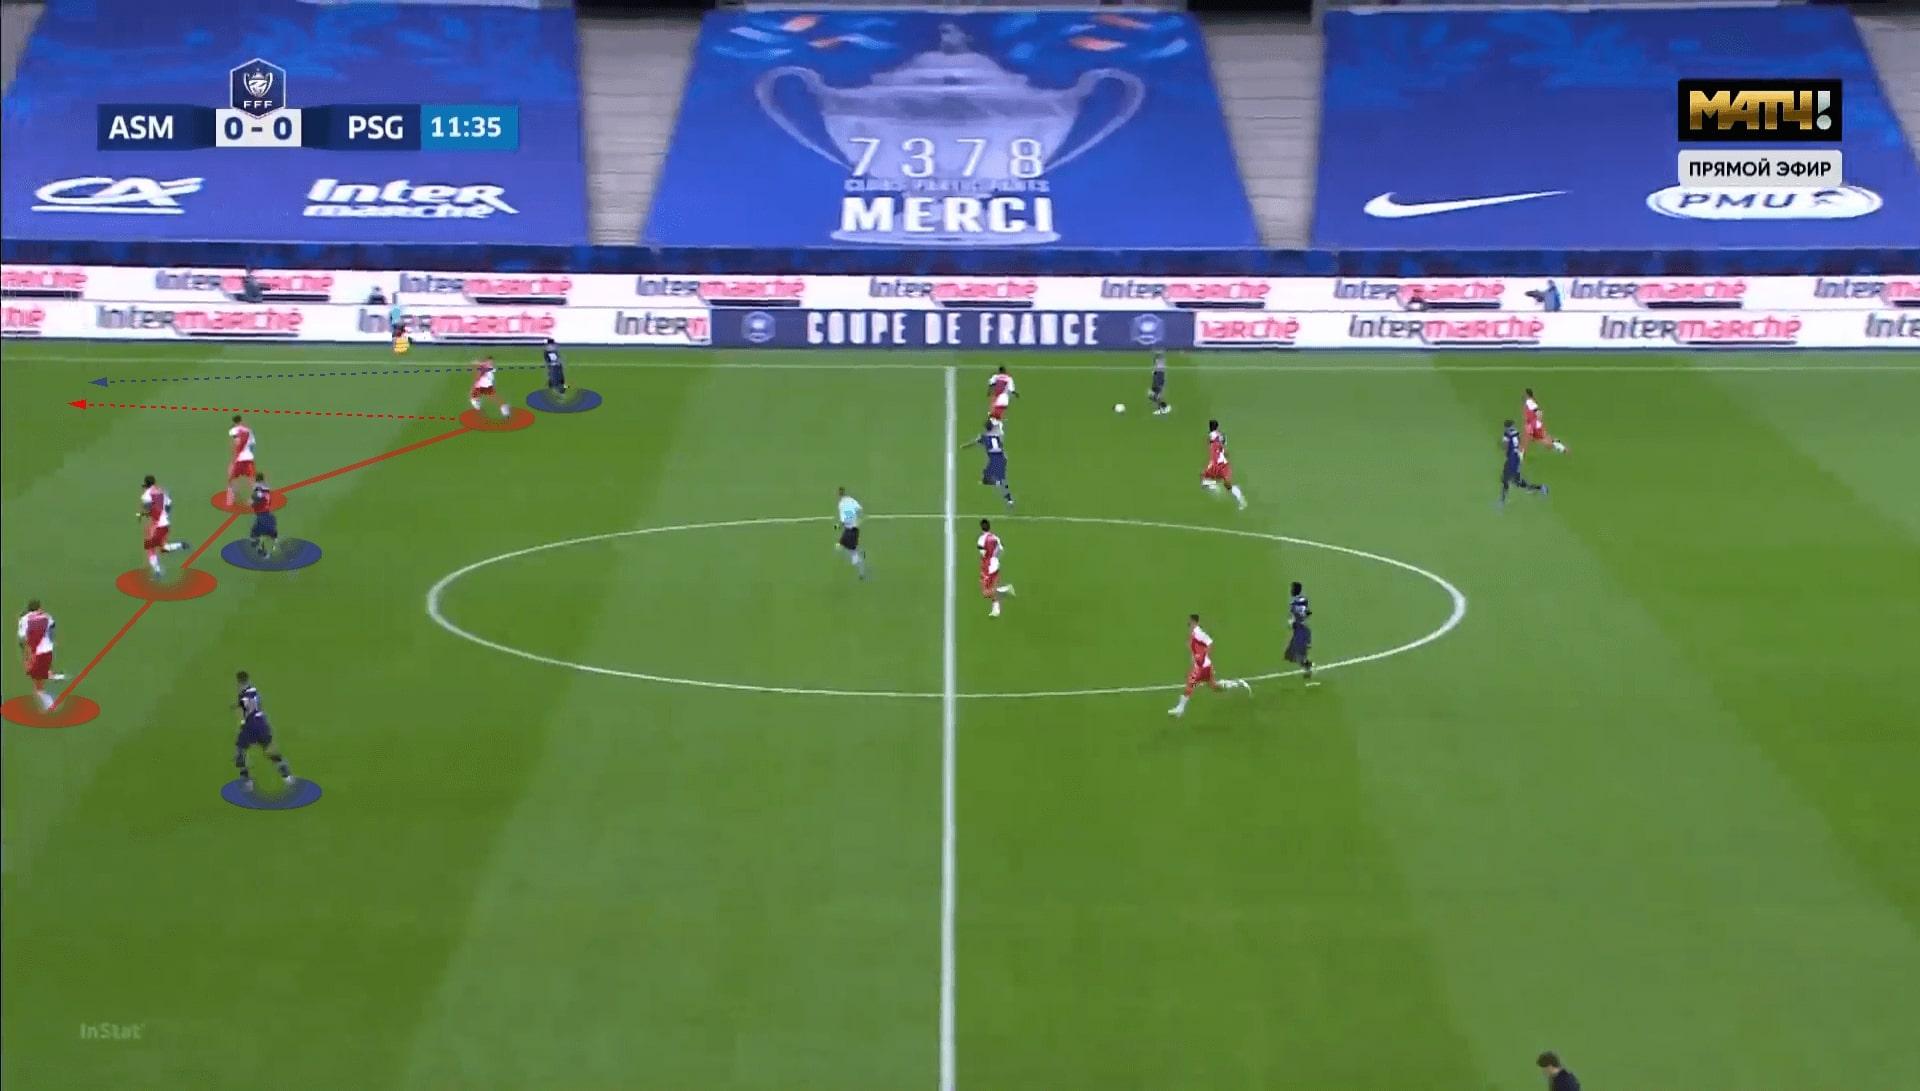 Coupe de France 2020/21: Monaco vs PSG - tactical analysis - tactics